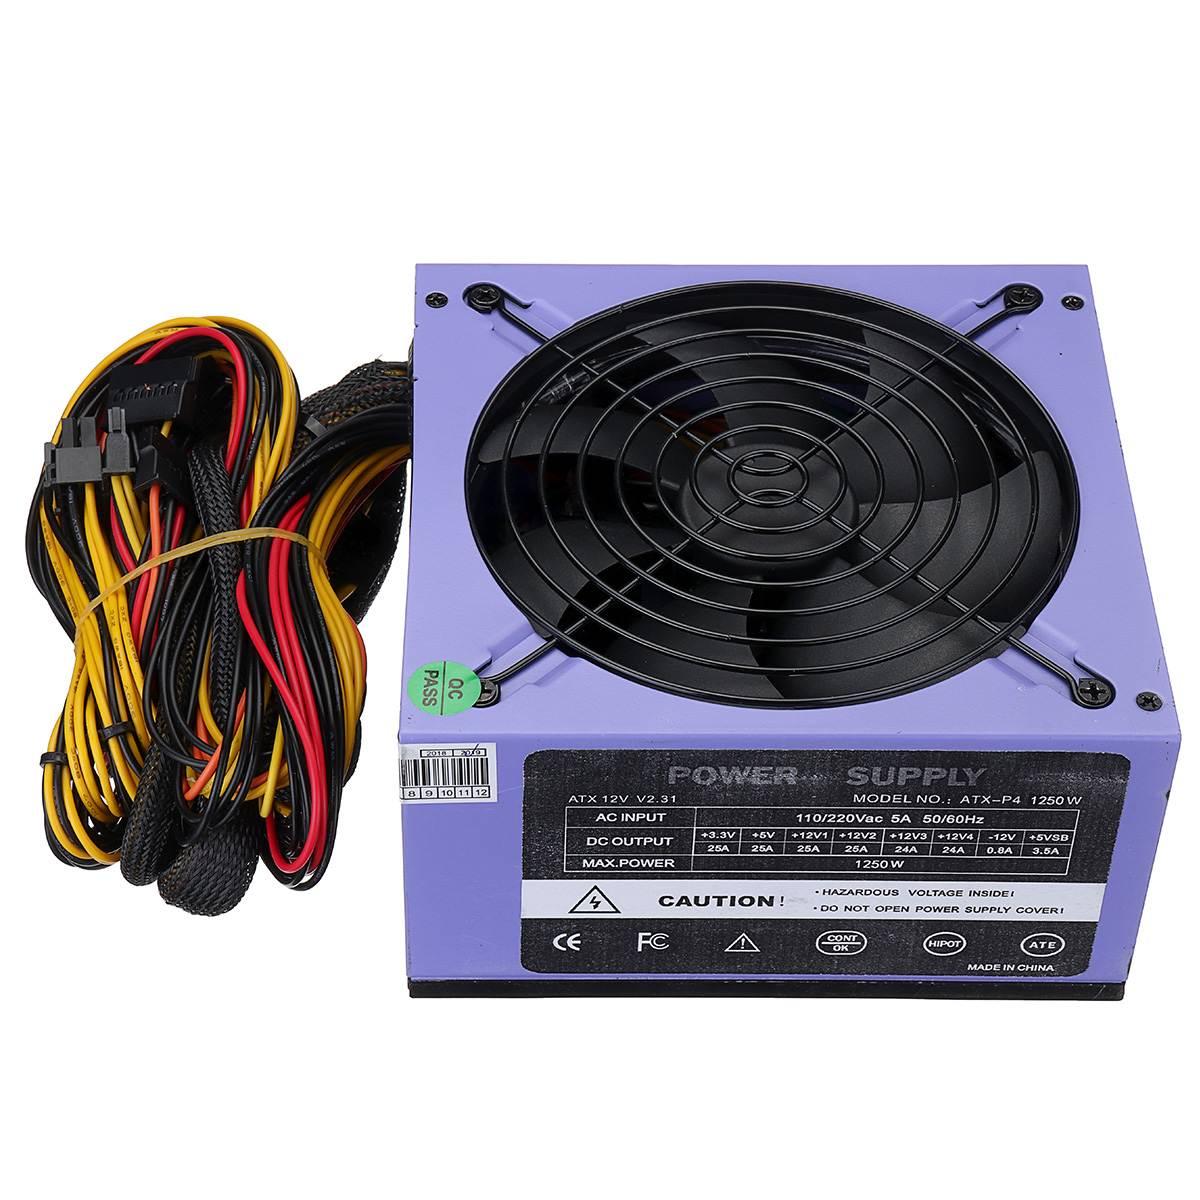 1250 W alimentation 120mm ventilateur LED 24 broches PFC PCI SATA ATX AMD PFC 12 V ordinateur alimentation pour PC jeu de bureau